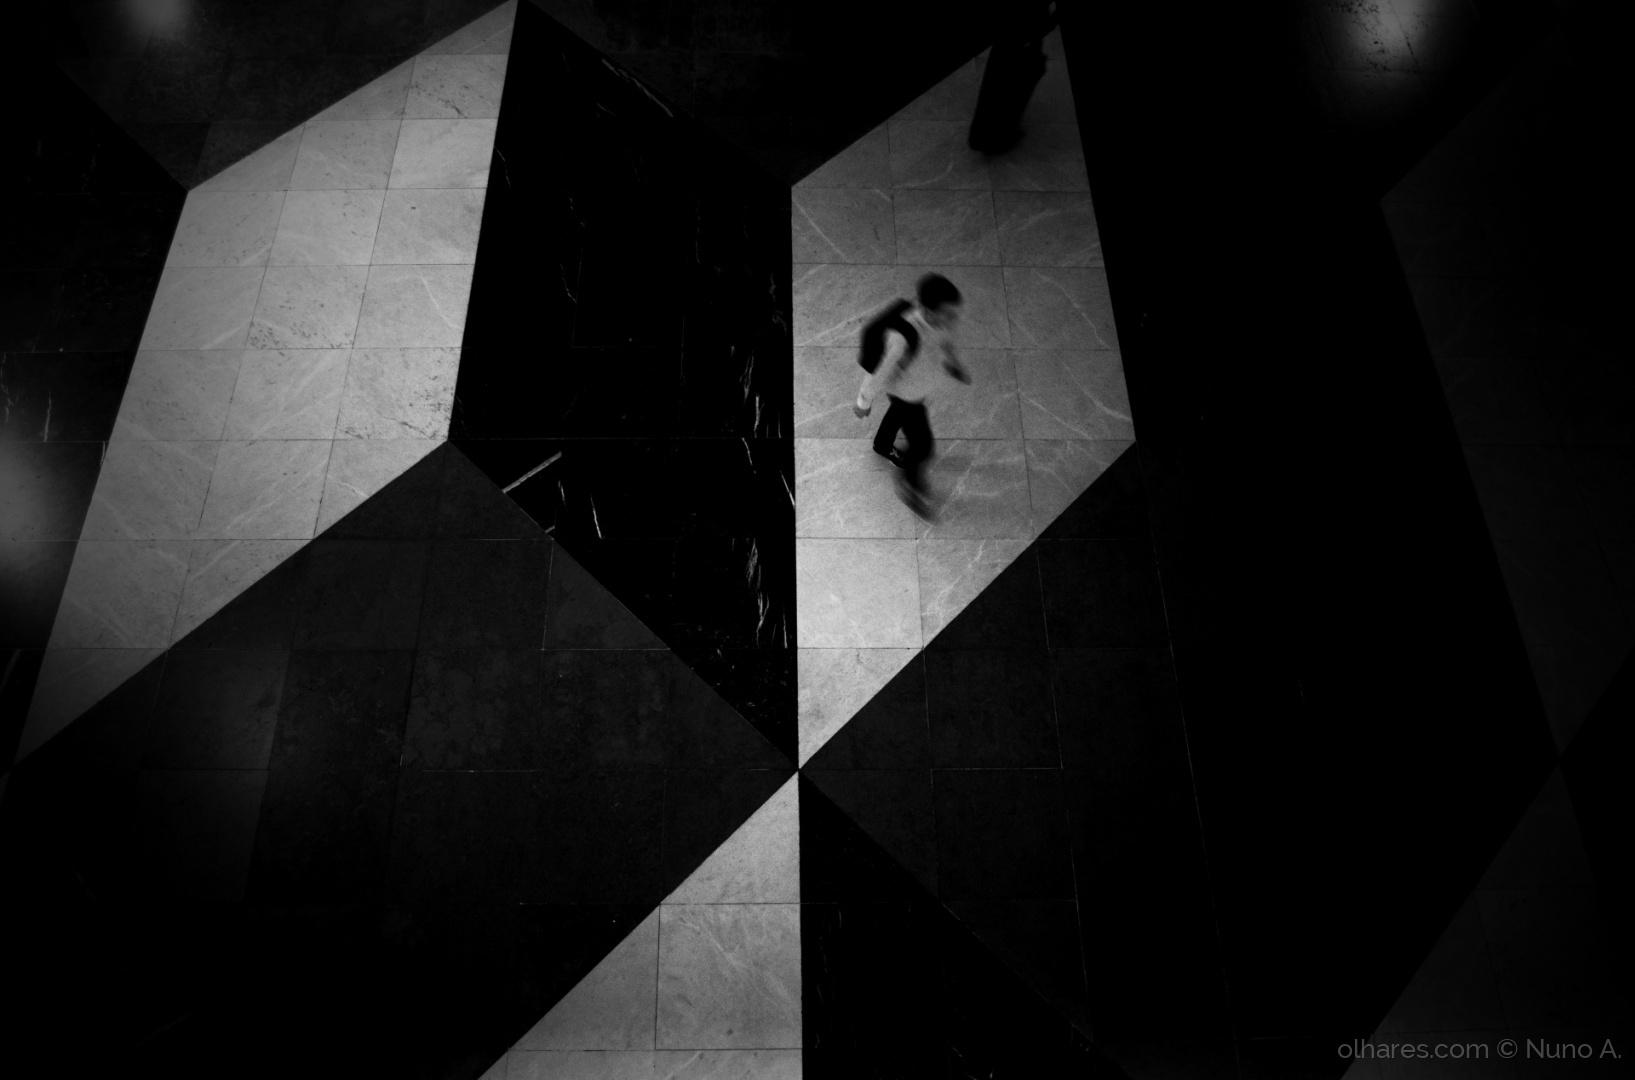 © Nuno A. - outside the box